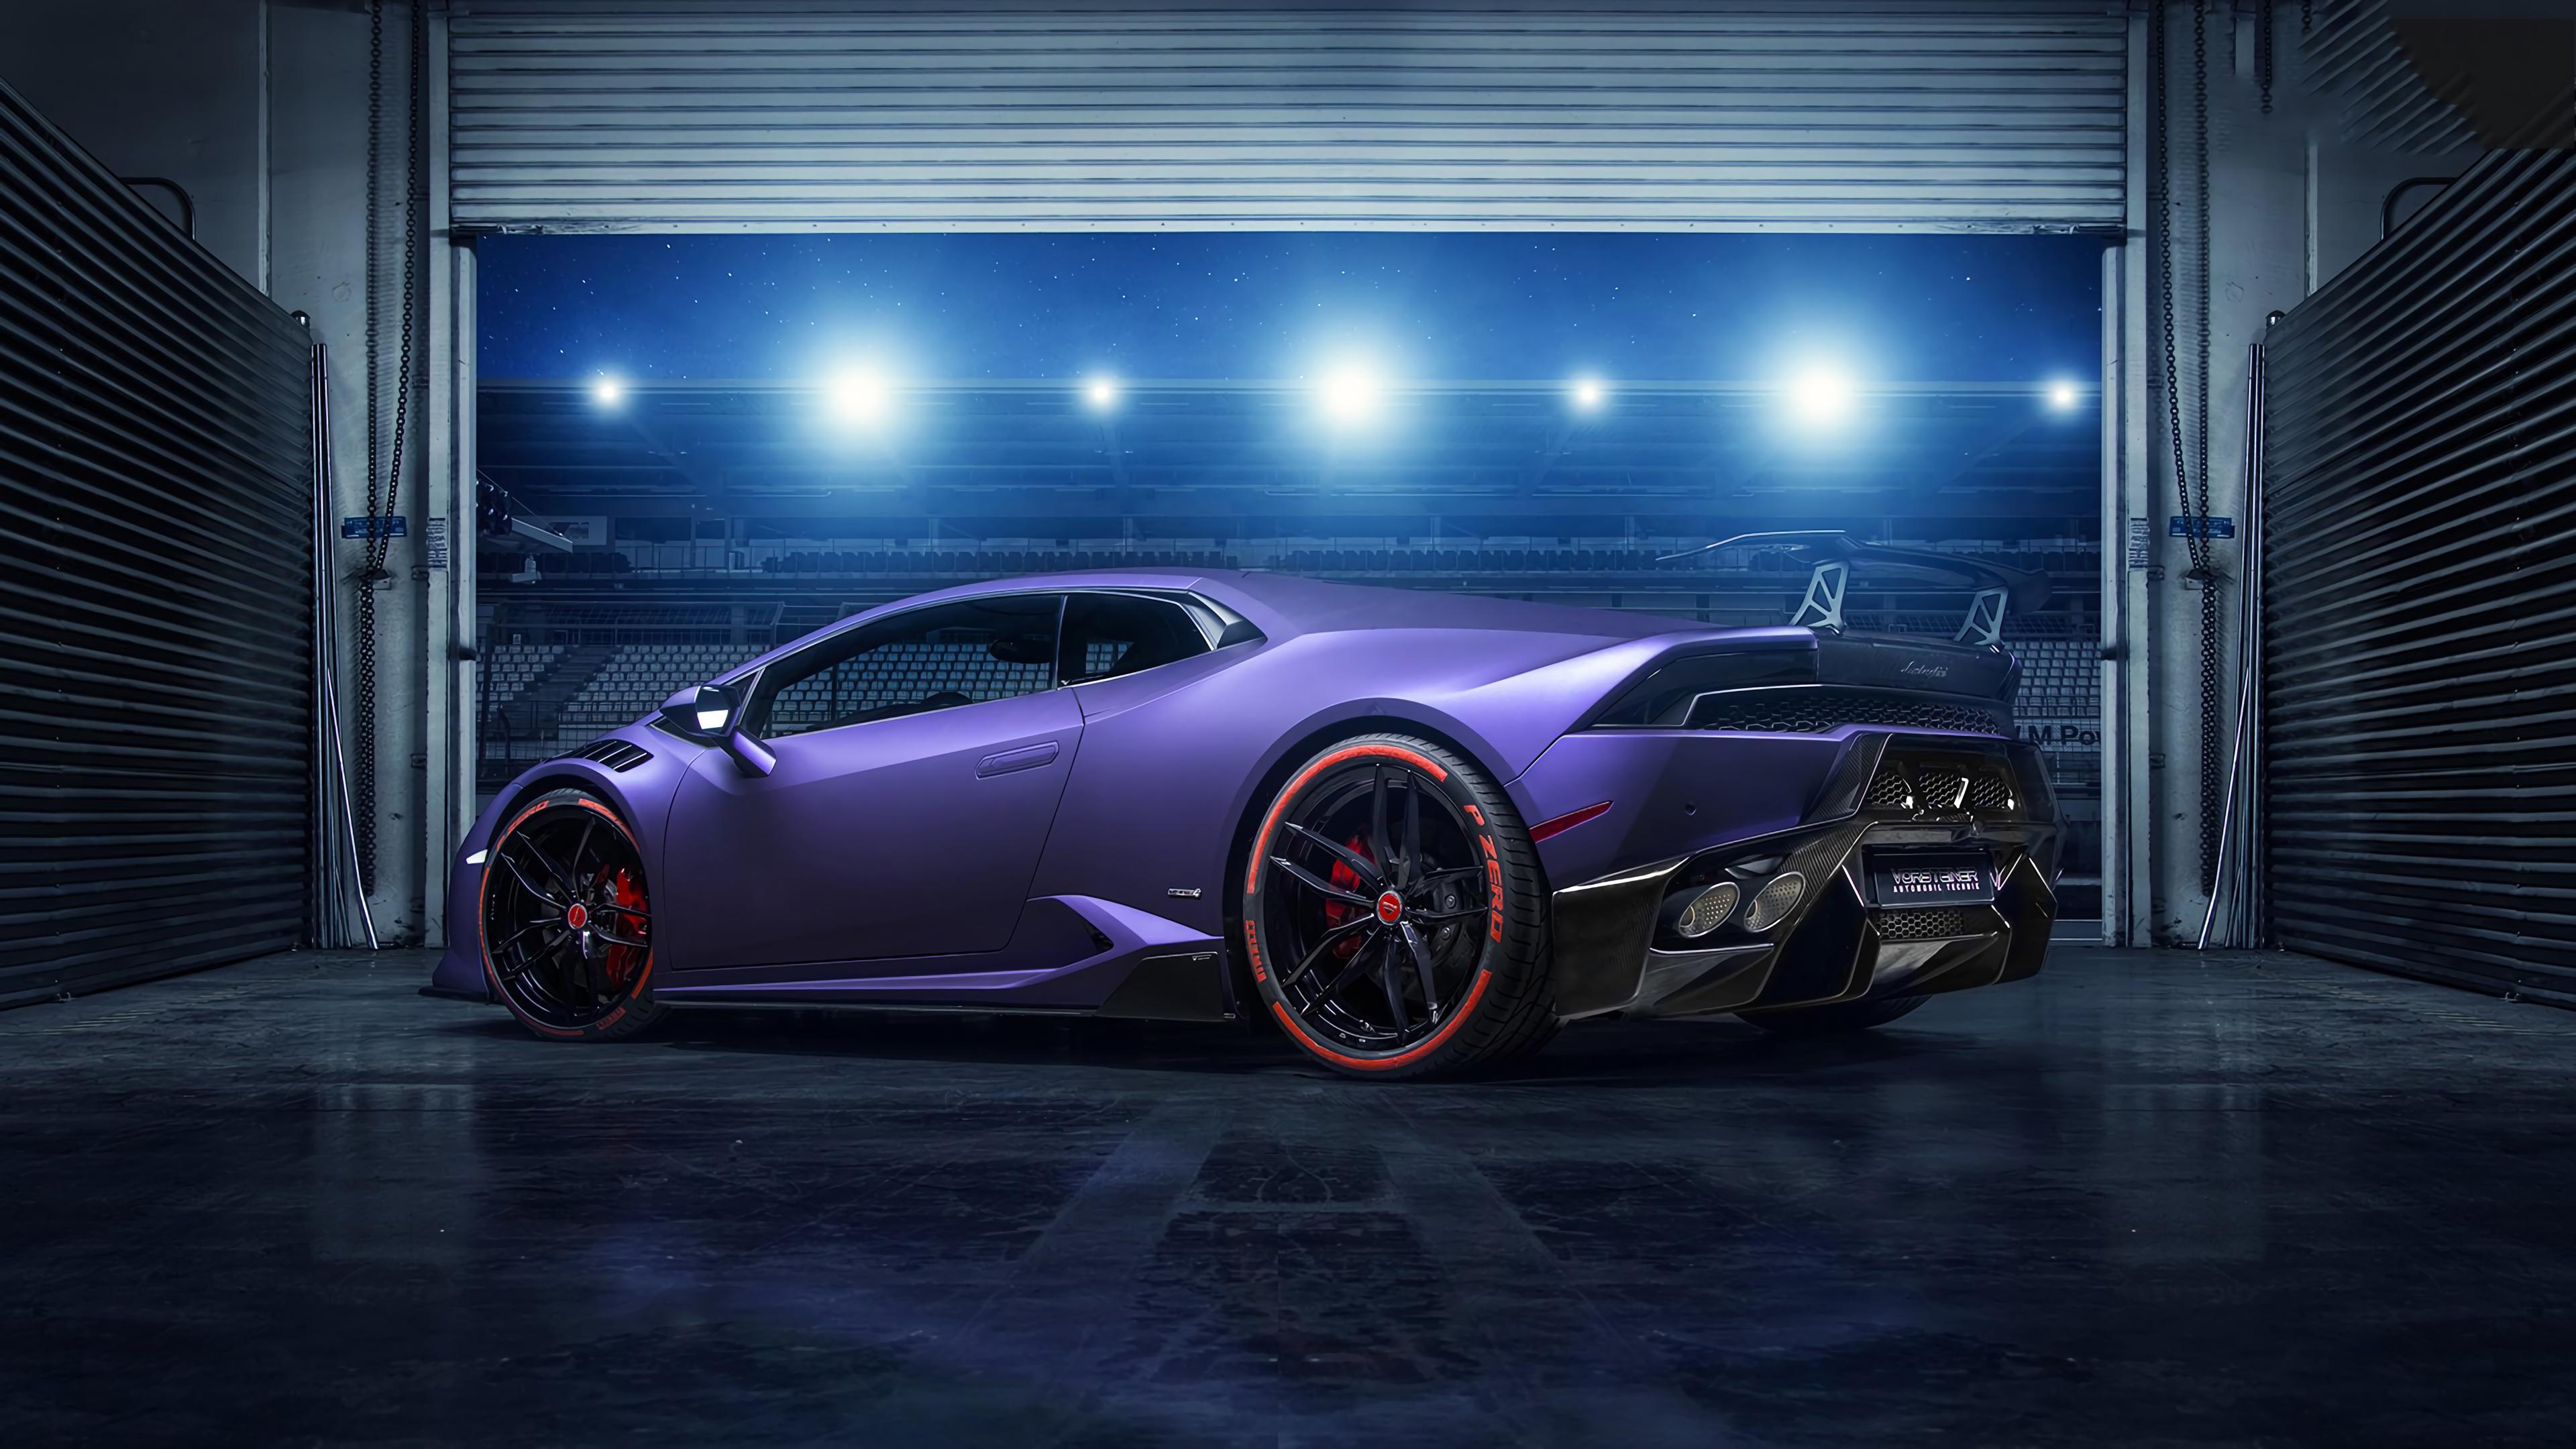 purple lamborghini huracan 2019 1569188595 - Purple Lamborghini Huracan 2019 - lamborghini wallpapers, lamborghini huracan wallpapers, hd-wallpapers, cars wallpapers, 4k-wallpapers